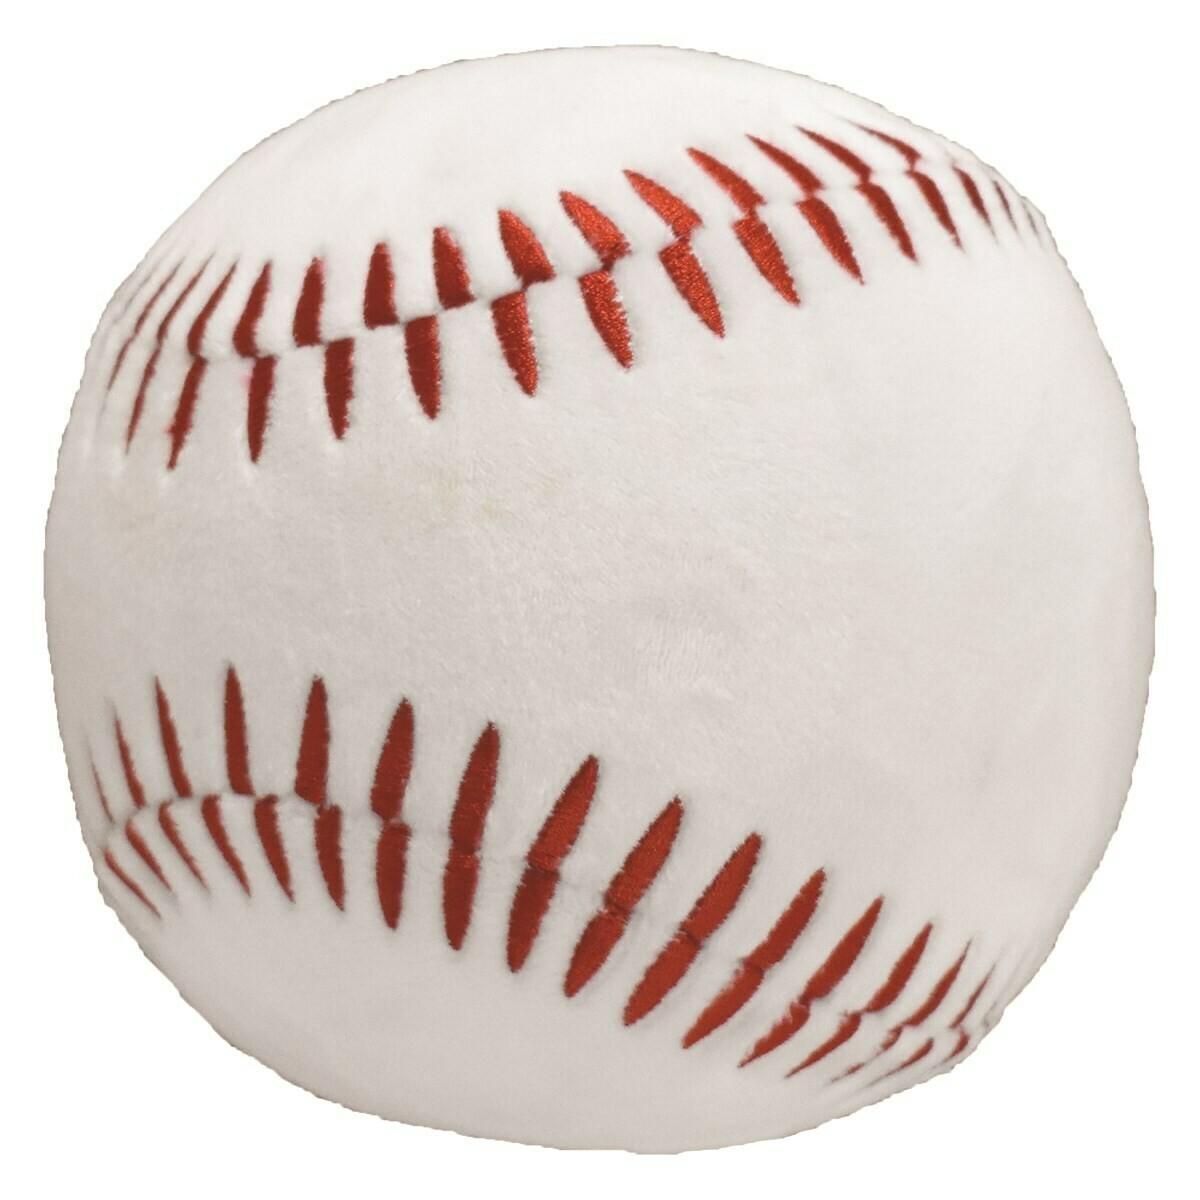 Pillow - Baseball